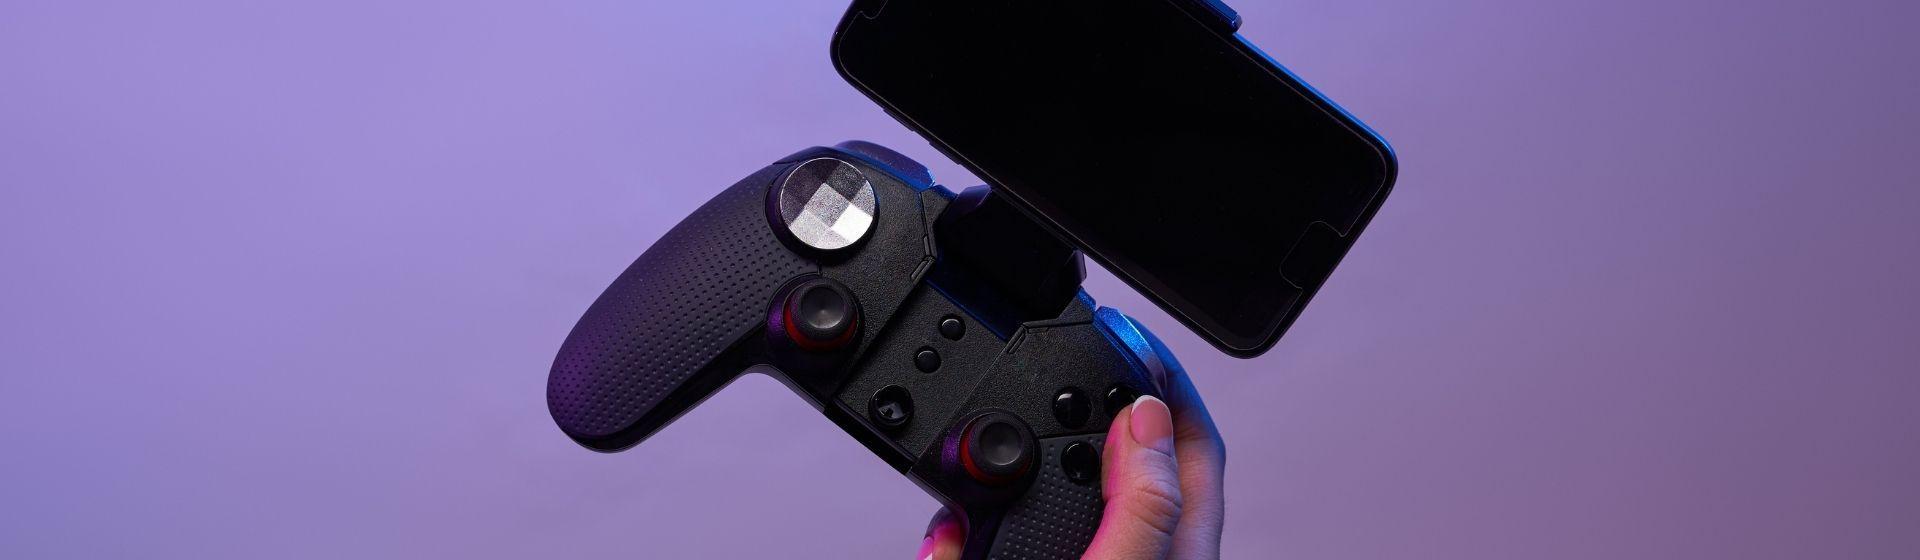 Controle para jogar no celular: veja dicas para escolher o melhor